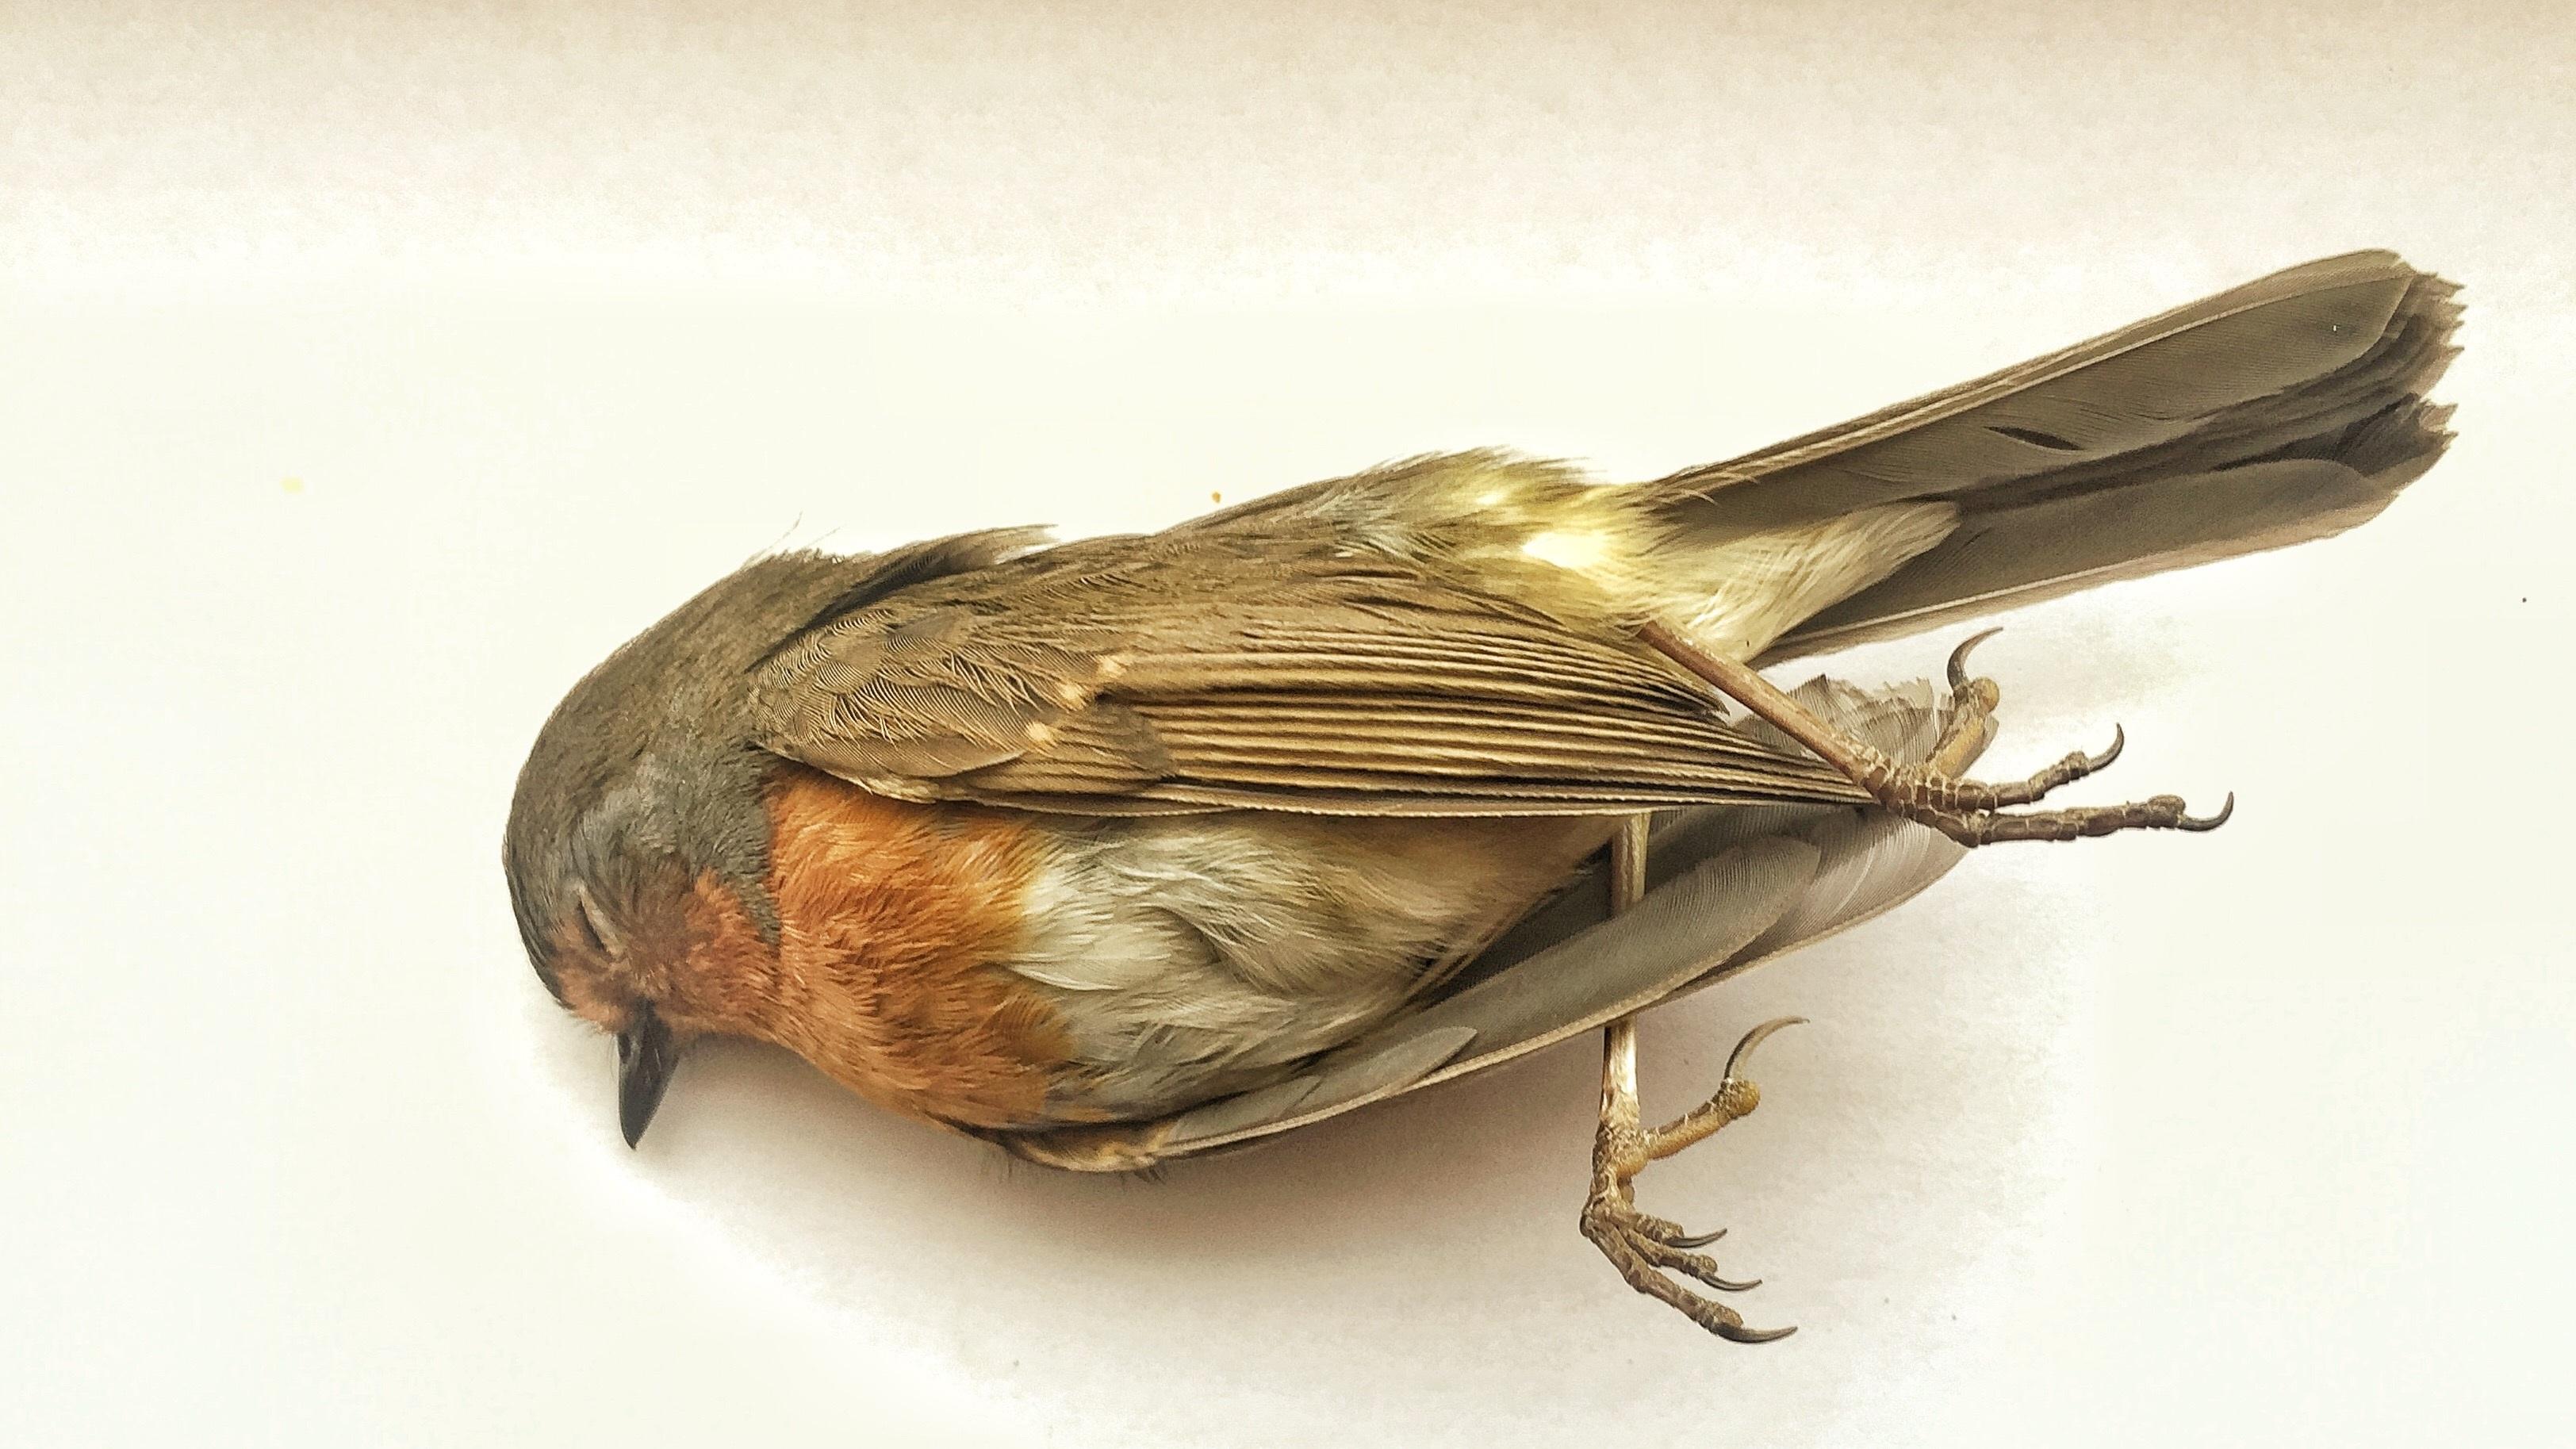 Kostenlose foto : Vogel, Holz, Horn, Traurigkeit, Insekt ...